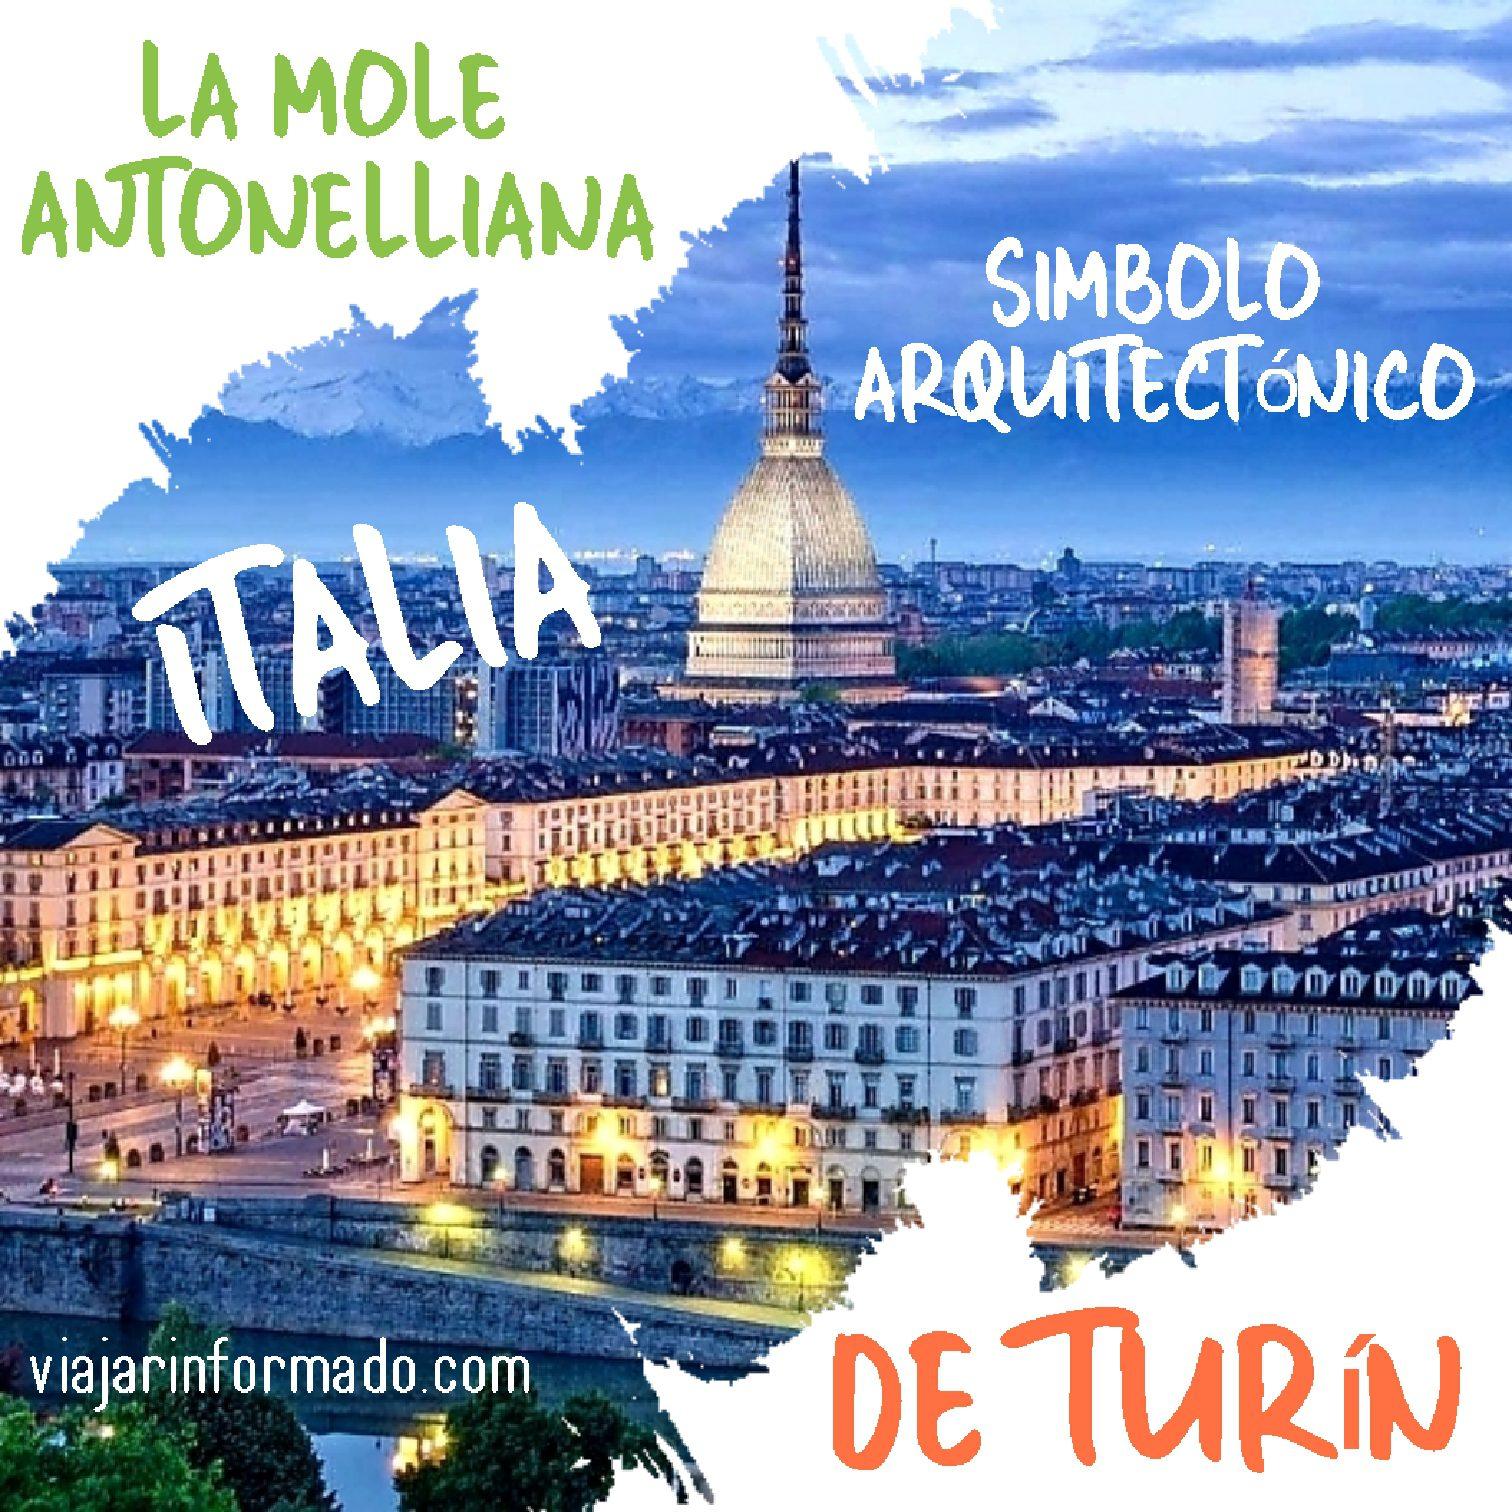 lla-mole-antonelliana-simbolo-arquitectonico-de-turin